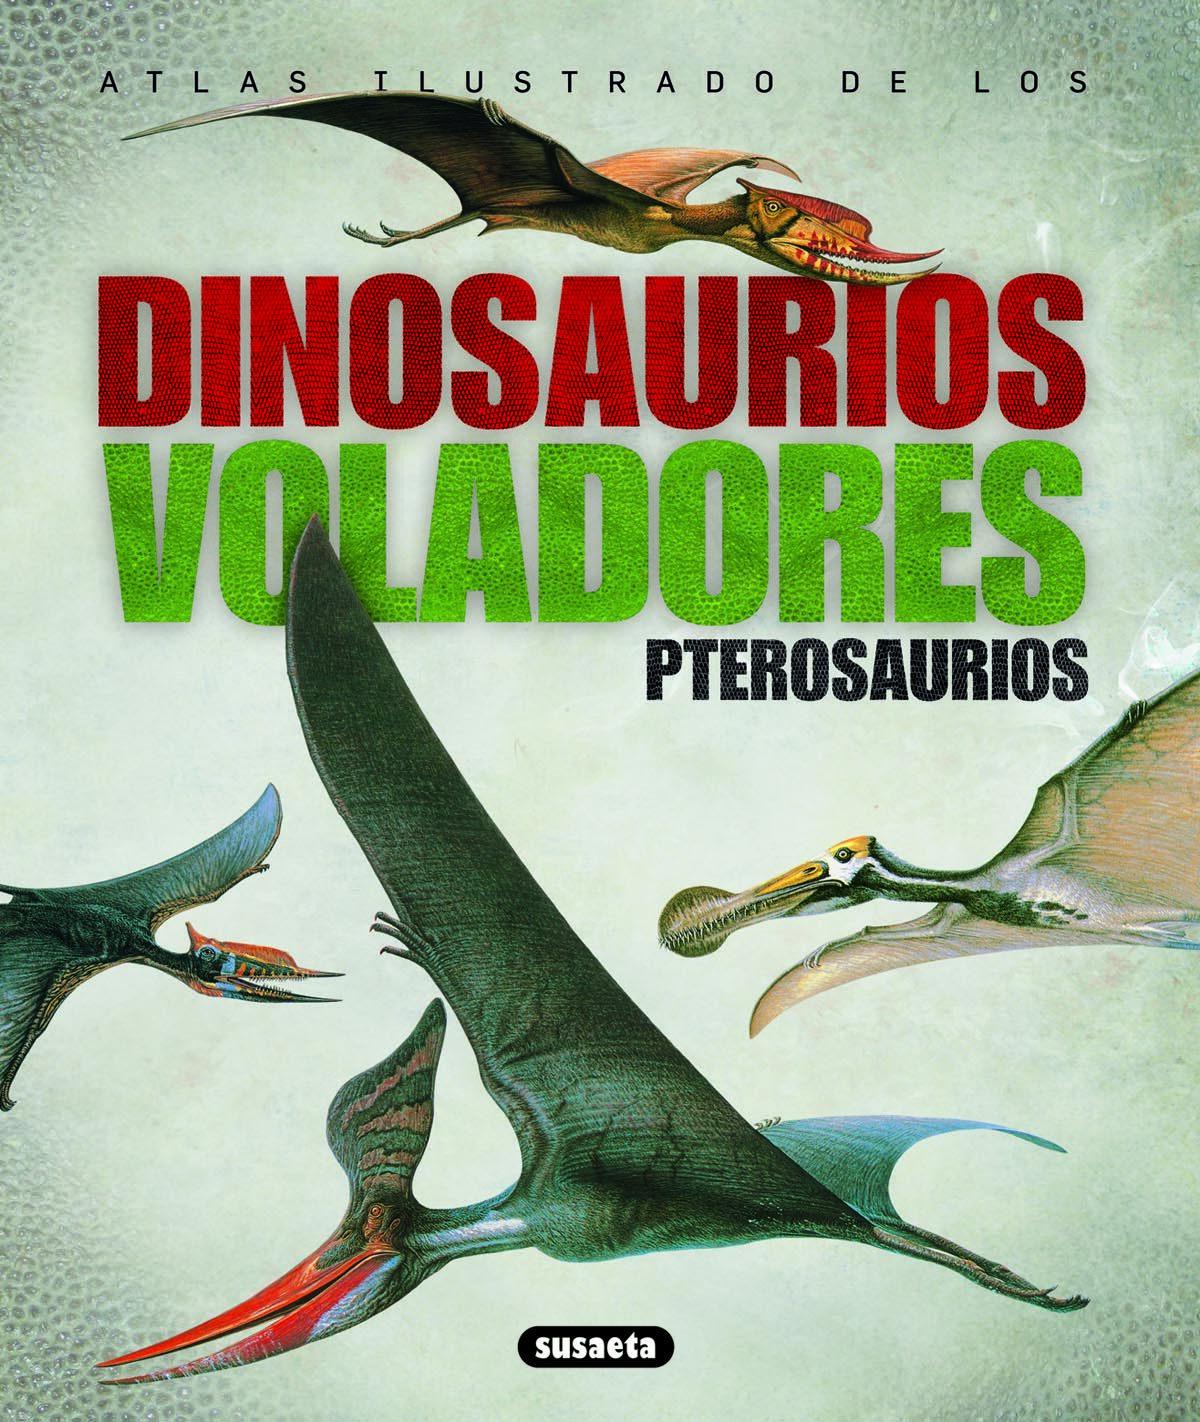 Resultado de imagen de atlas ilustrado de los dinosaurios voladores